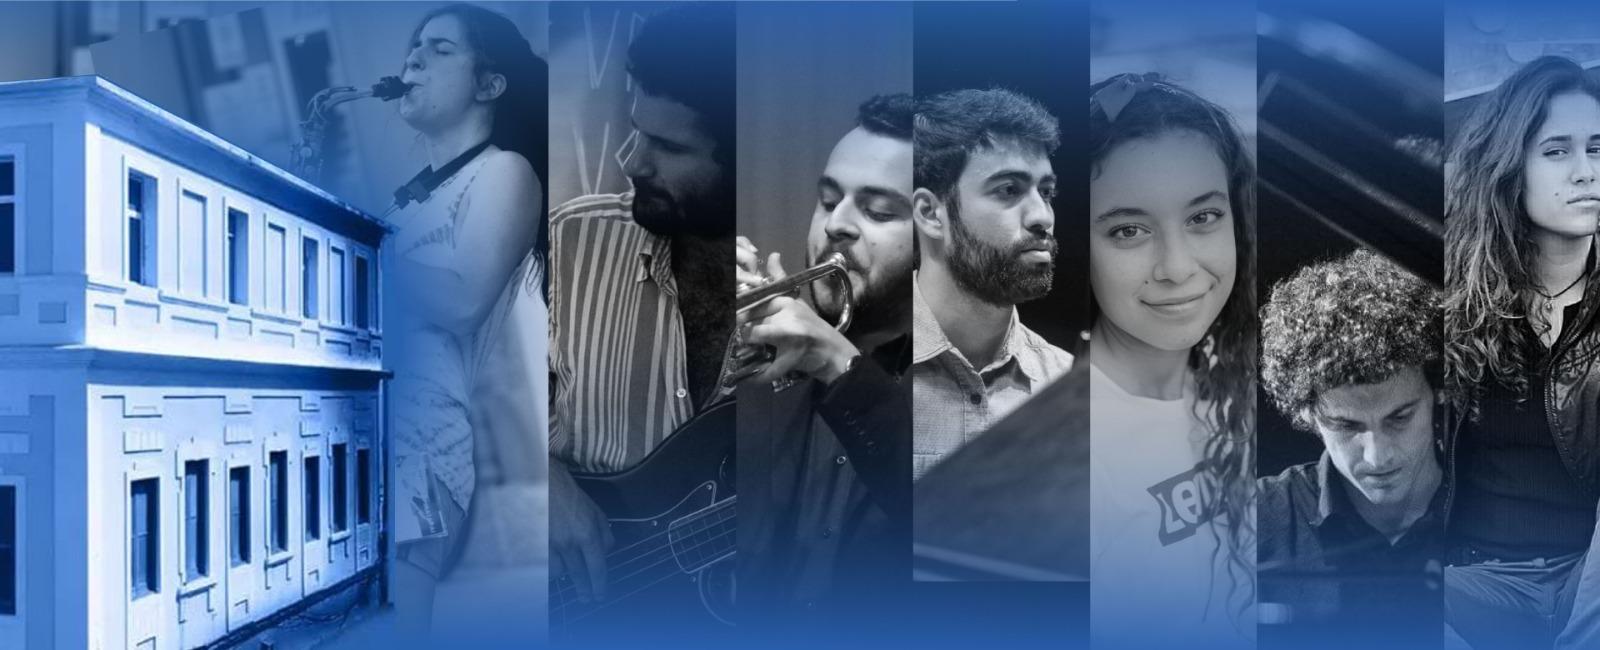 Los Jóvenes Talentos de Fábrica La Isleta desembarcan en el Auditorio Alfredo Kraus